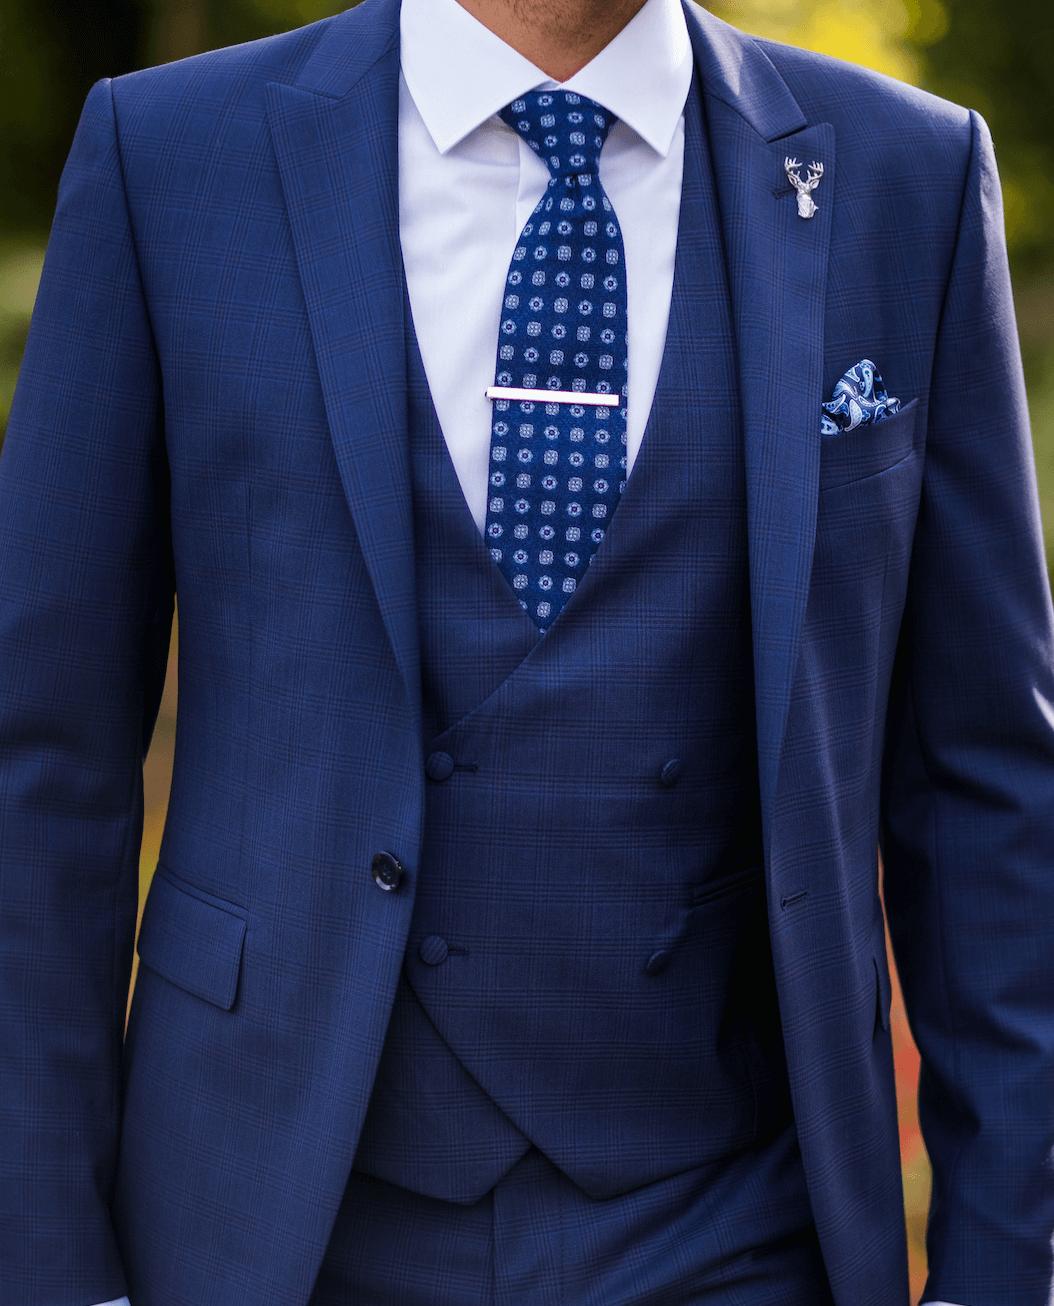 Men's Wedding Suit Hire in 2020 Wedding suit hire